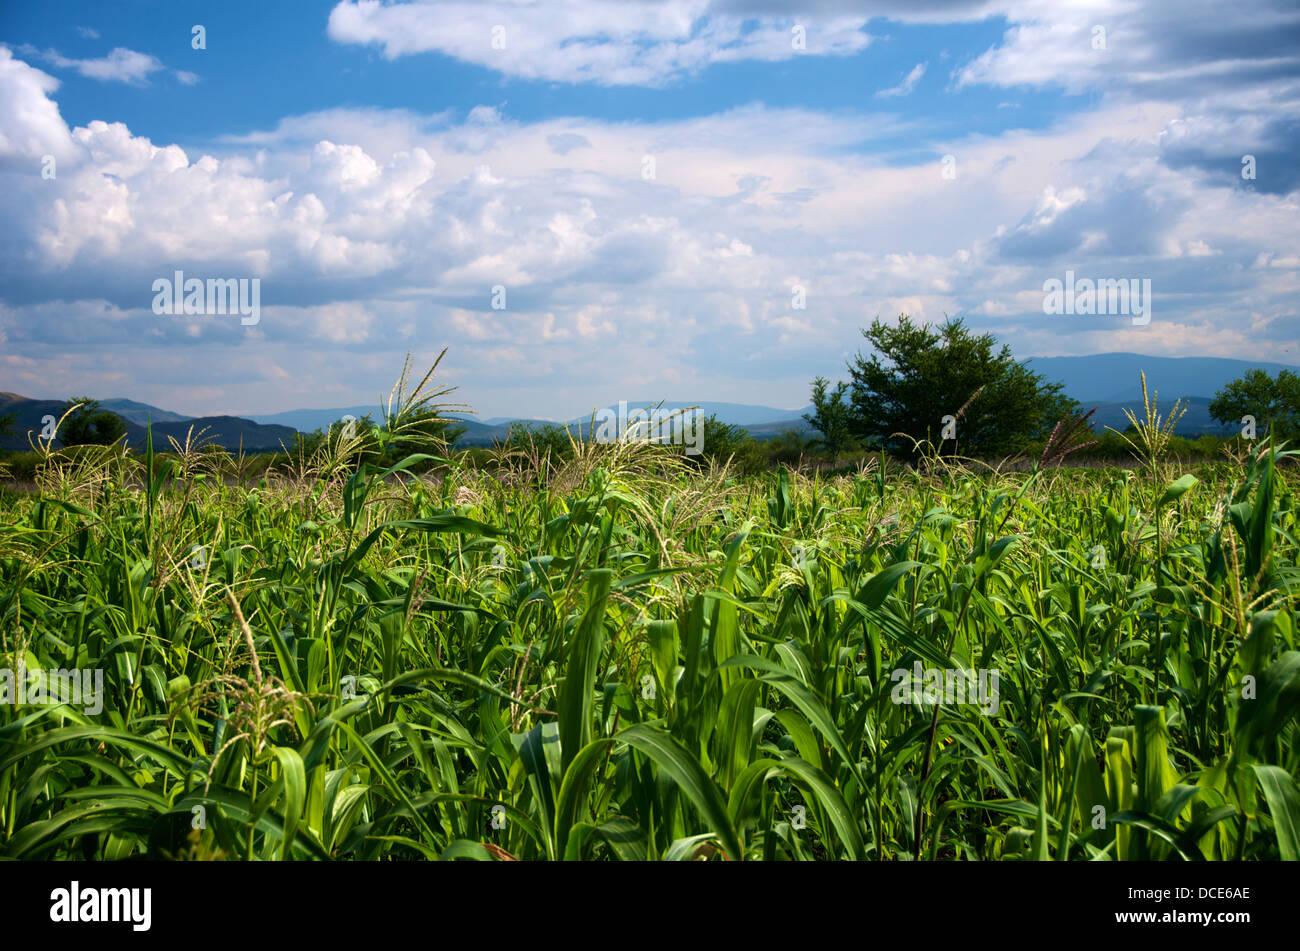 Wheat fiel at Oaxaca, Mexico - Stock Image